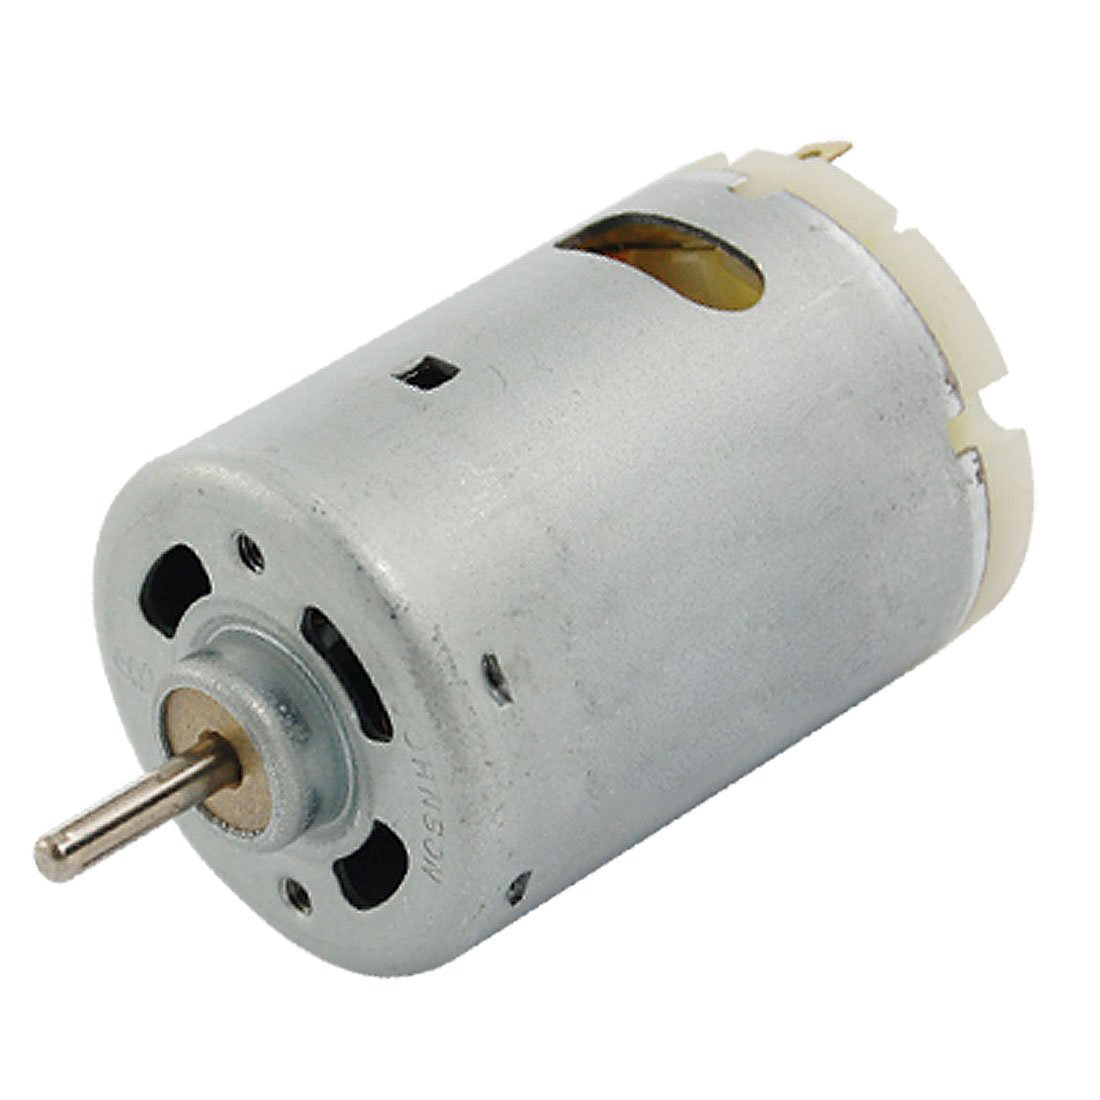 Dc 12v 1 1 2a 15000rpm High Torque Electric Motor For Diy